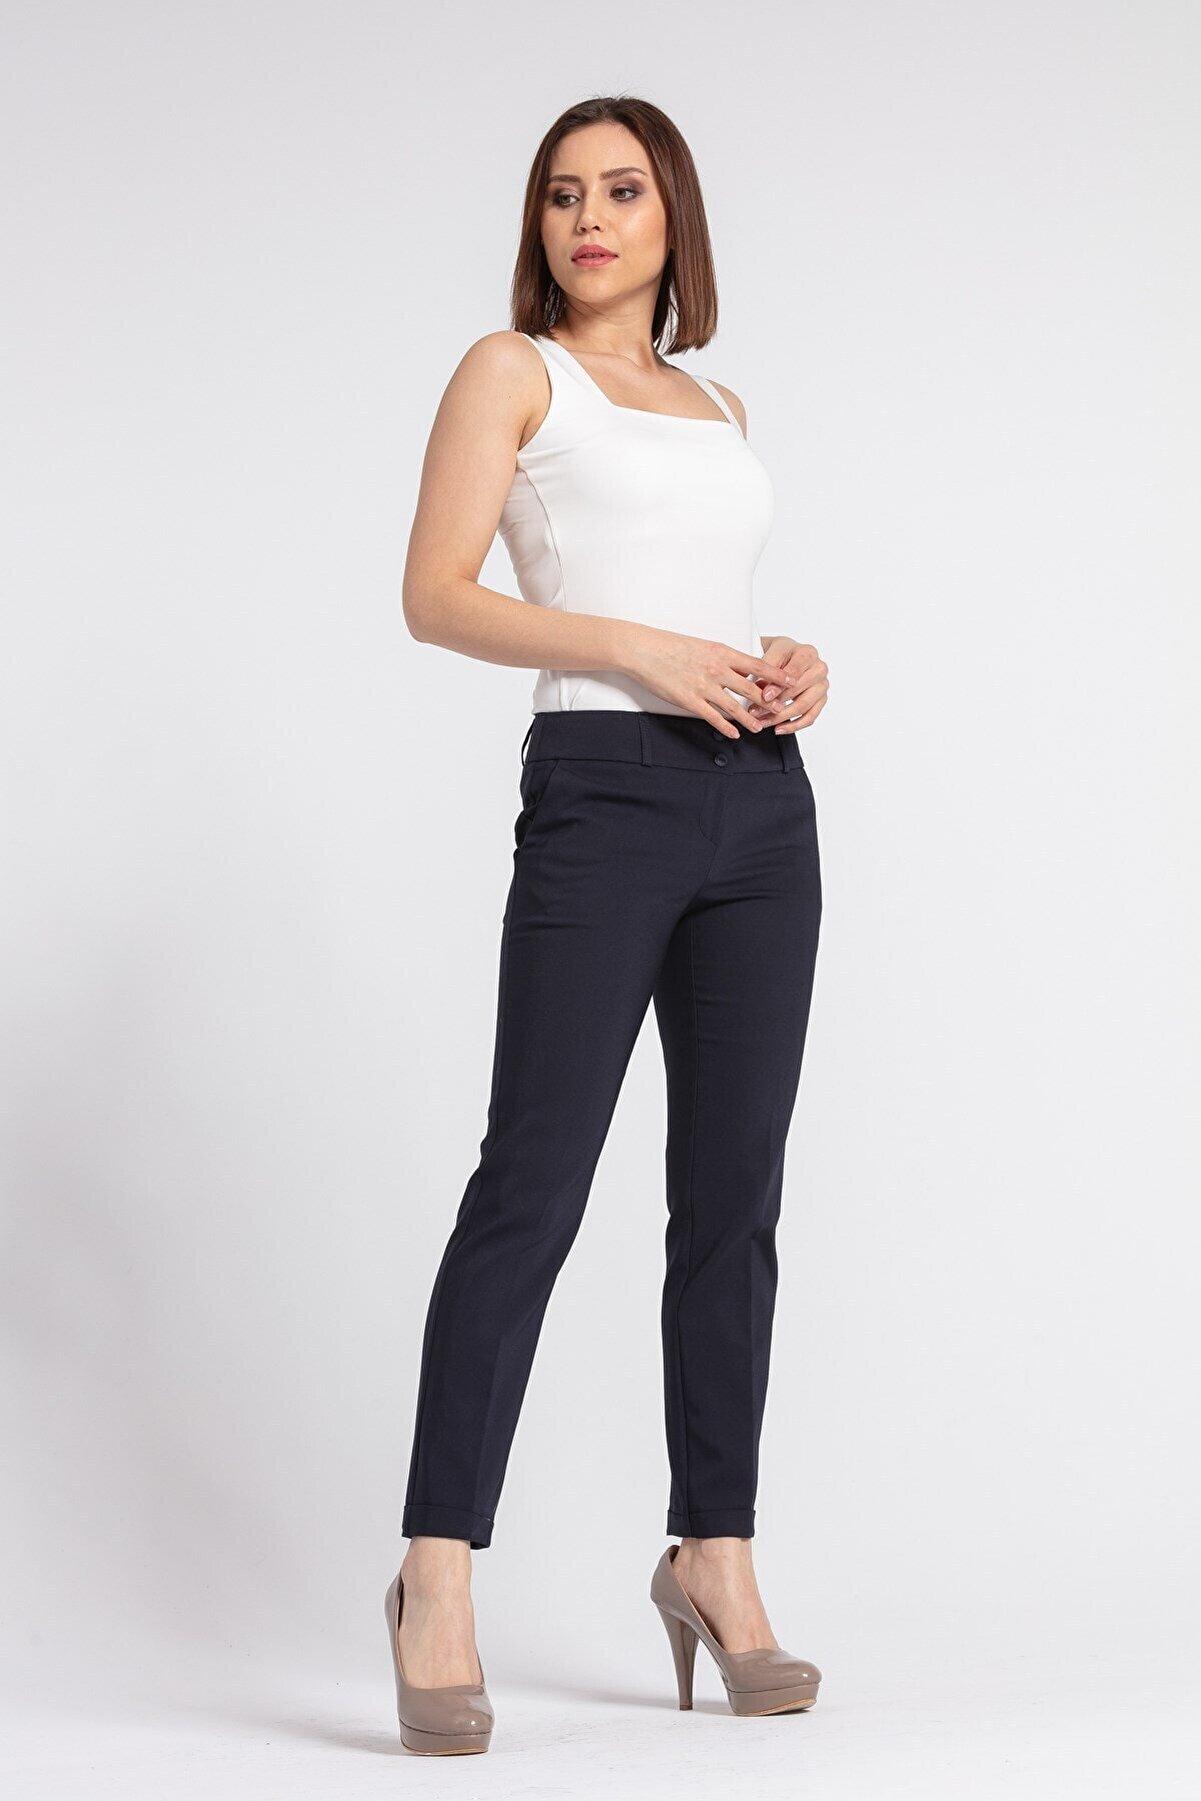 Jument Kadın Hafif Düşük Bel Cepli Duble Paça Ofis Likralı Kumaş Pantolon-lacivert